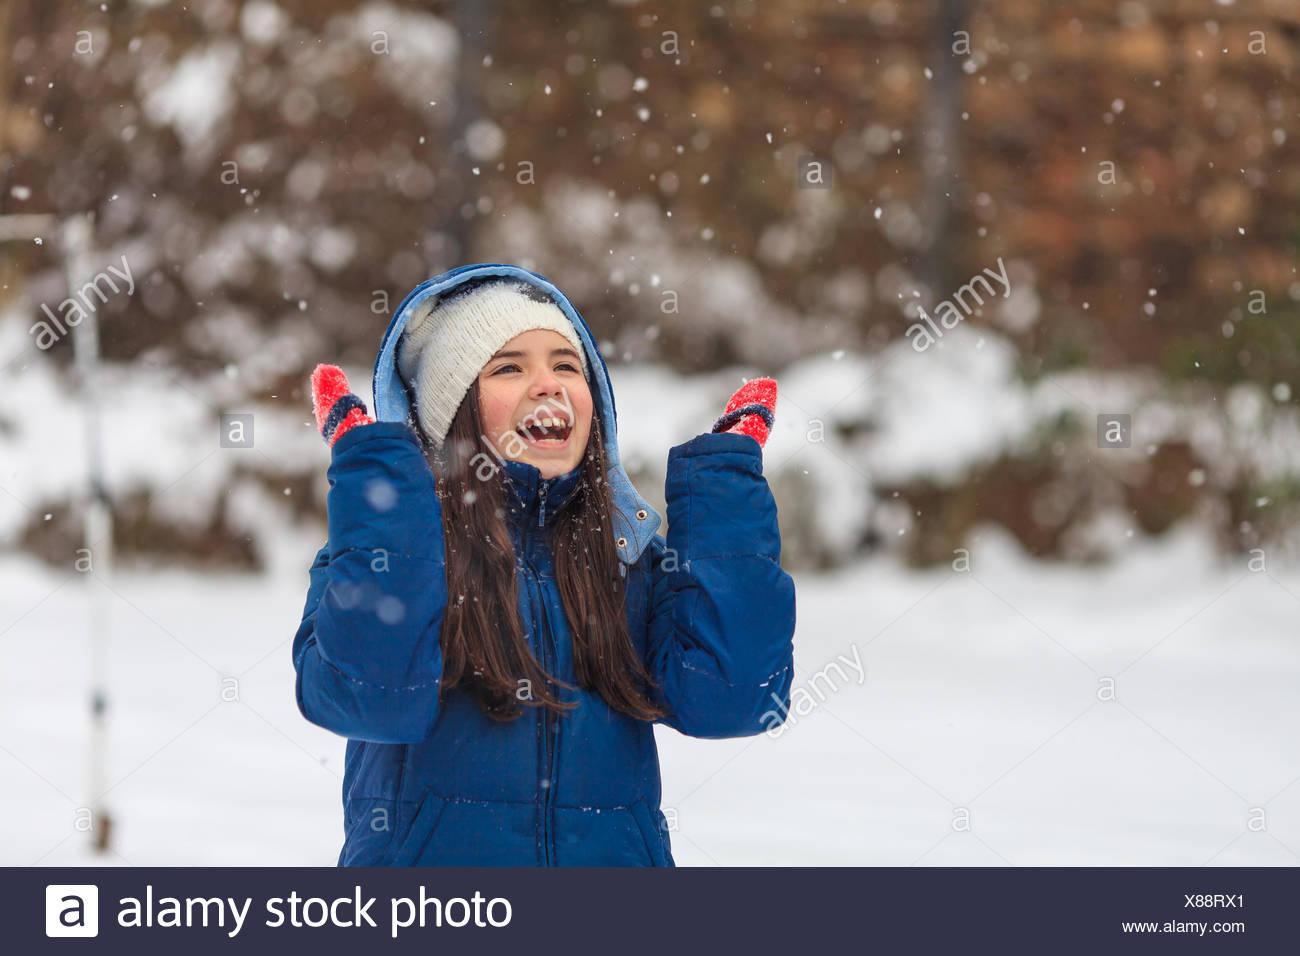 Fille avec ses mains en l'air dans la neige Photo Stock